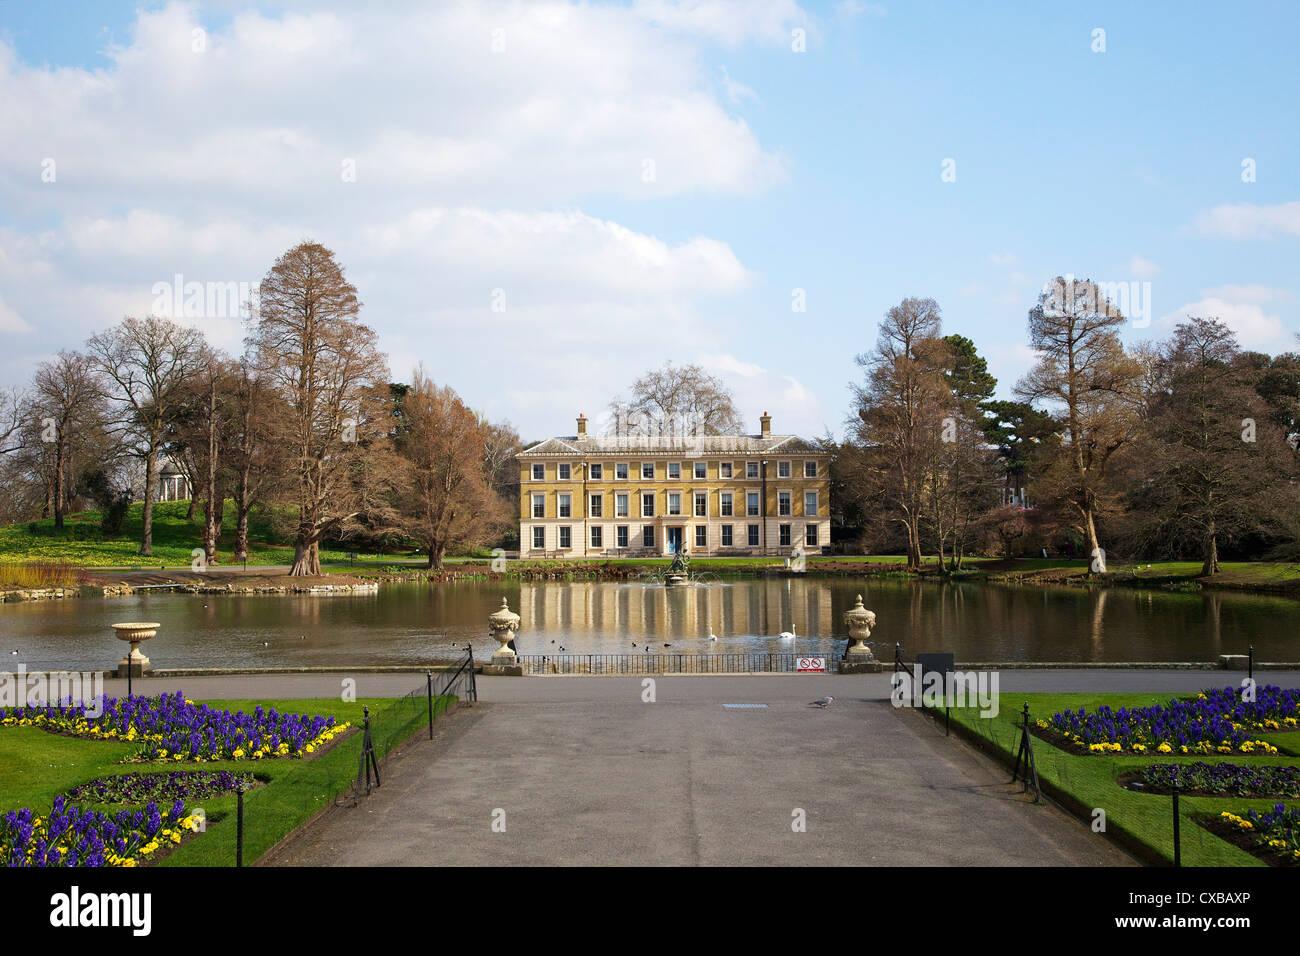 Museo n. 1, Royal Botanic Gardens, Kew, Sito Patrimonio Mondiale dell'UNESCO, London, England, Regno Unito, Immagini Stock